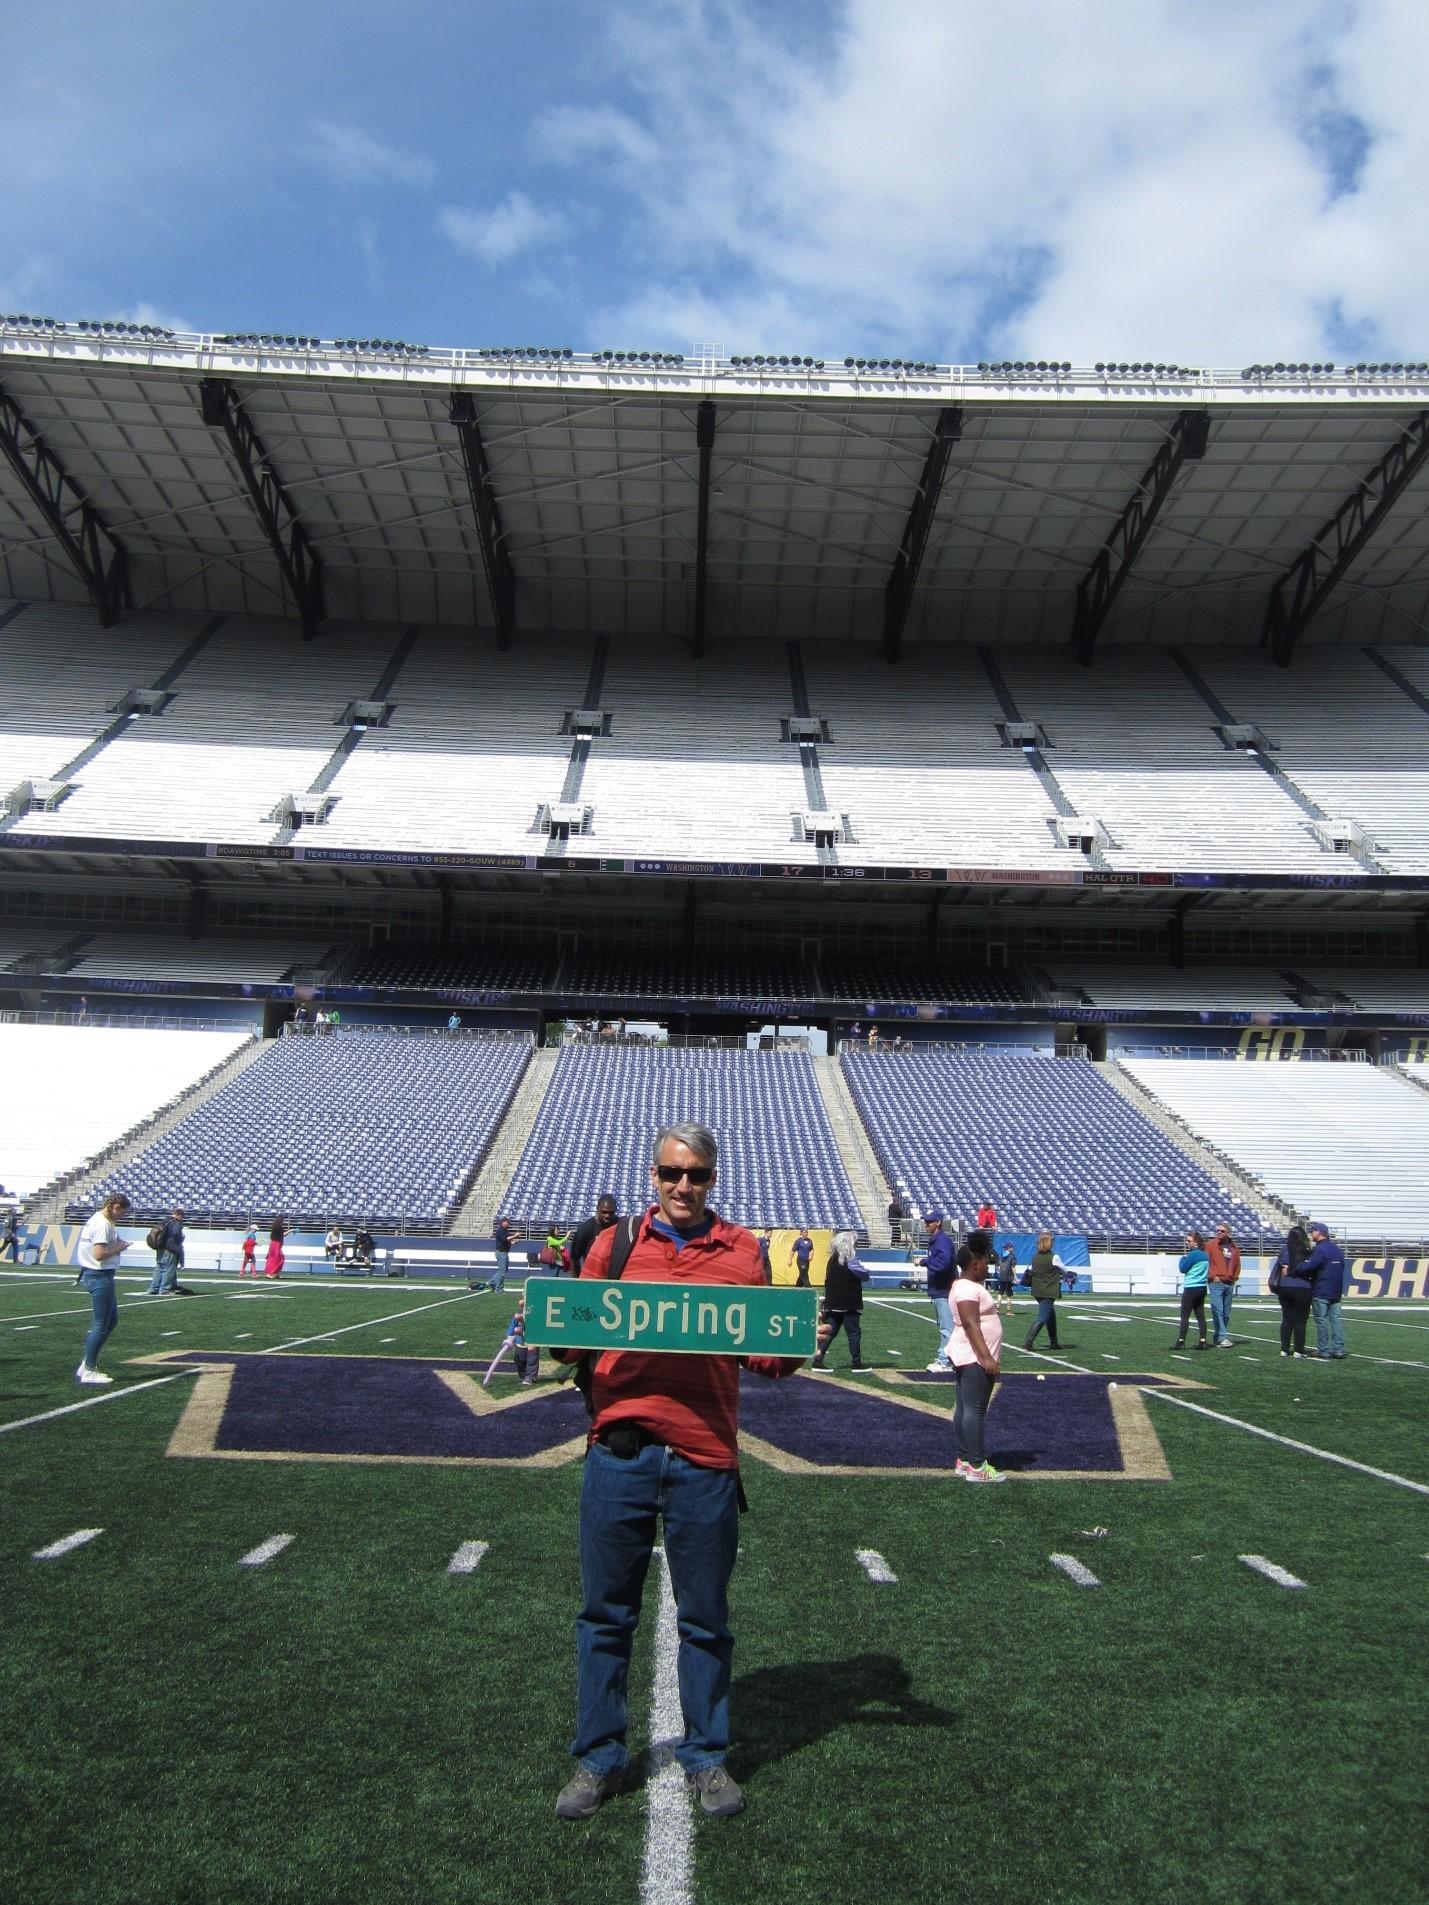 University of Washington 50-yard line